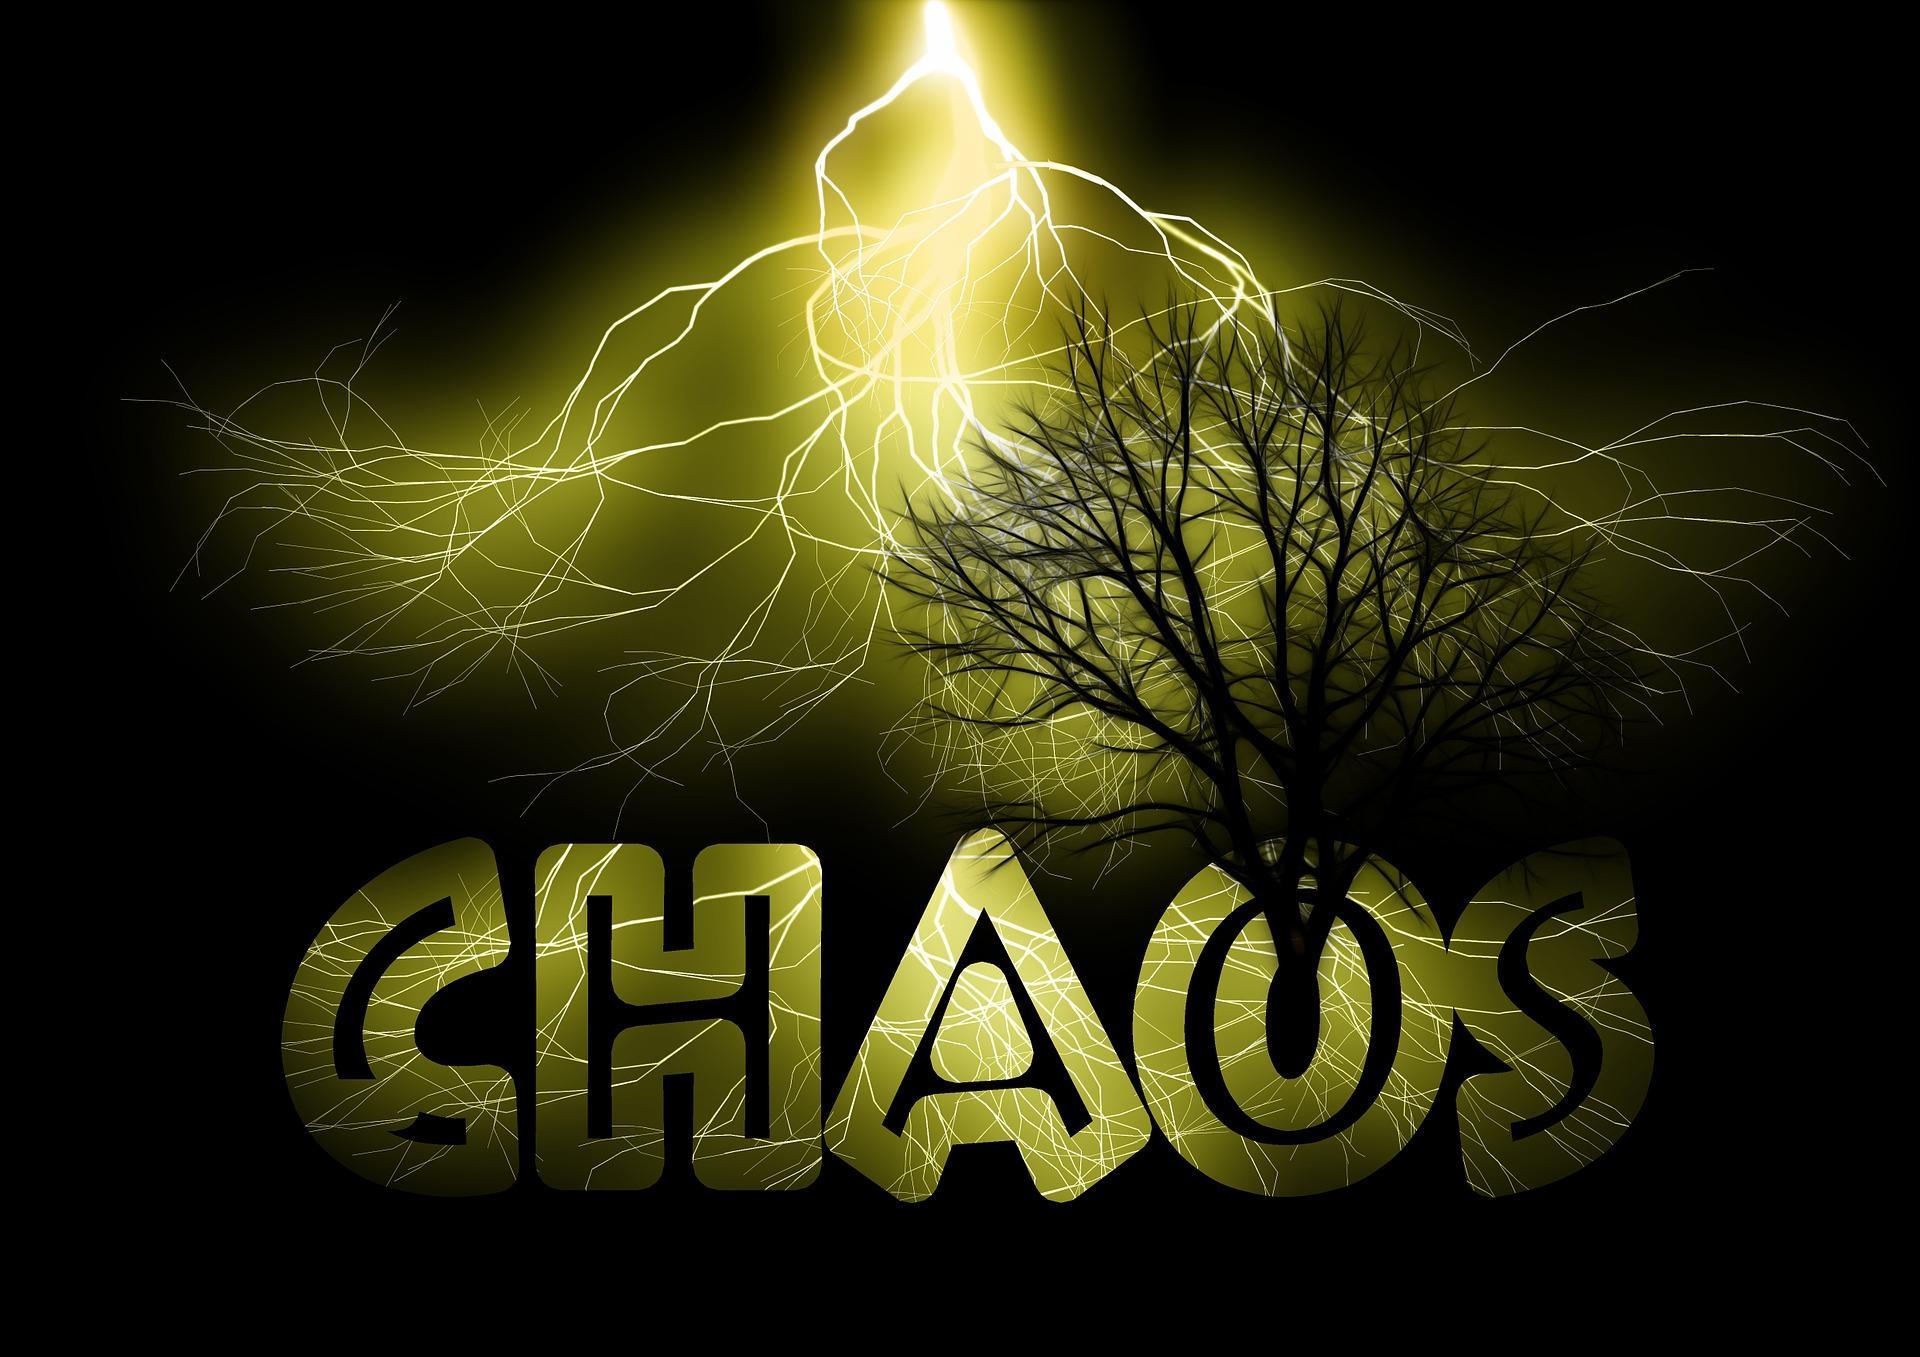 Messe du Chaos